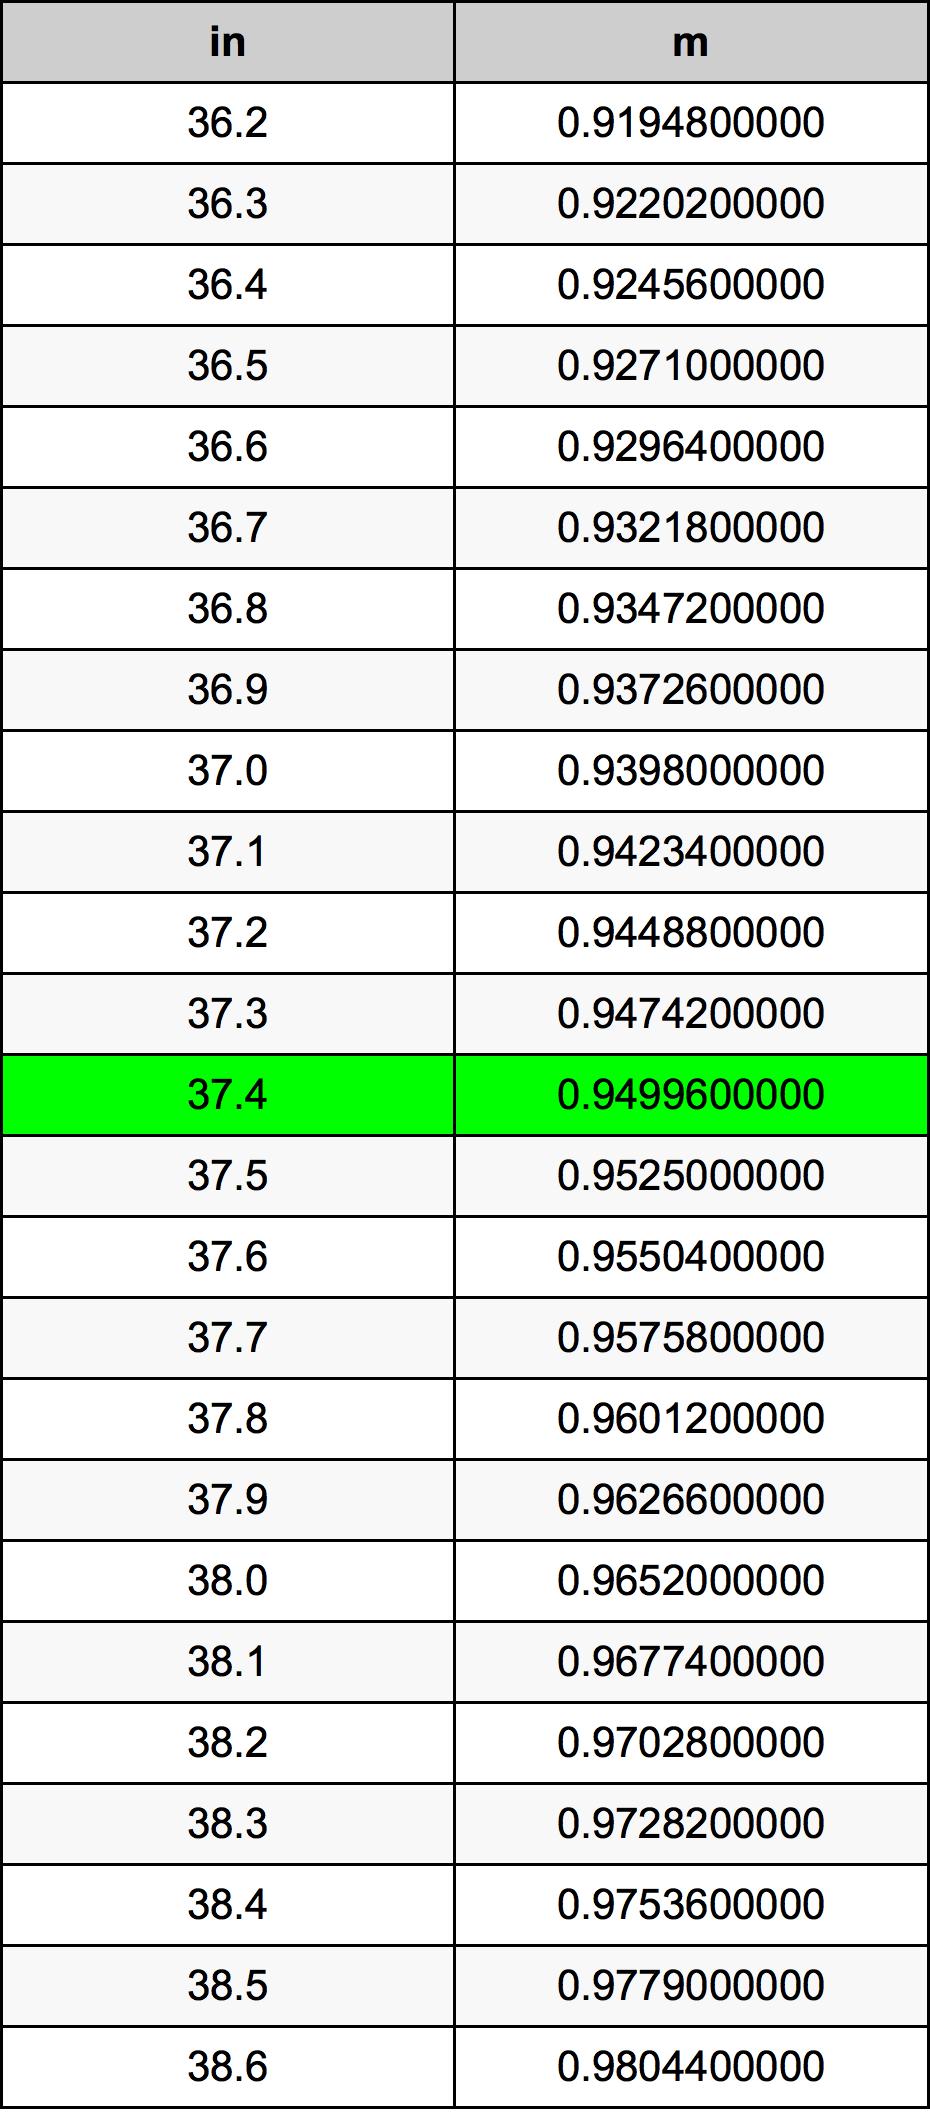 37.4 Palec pretvorbena tabela